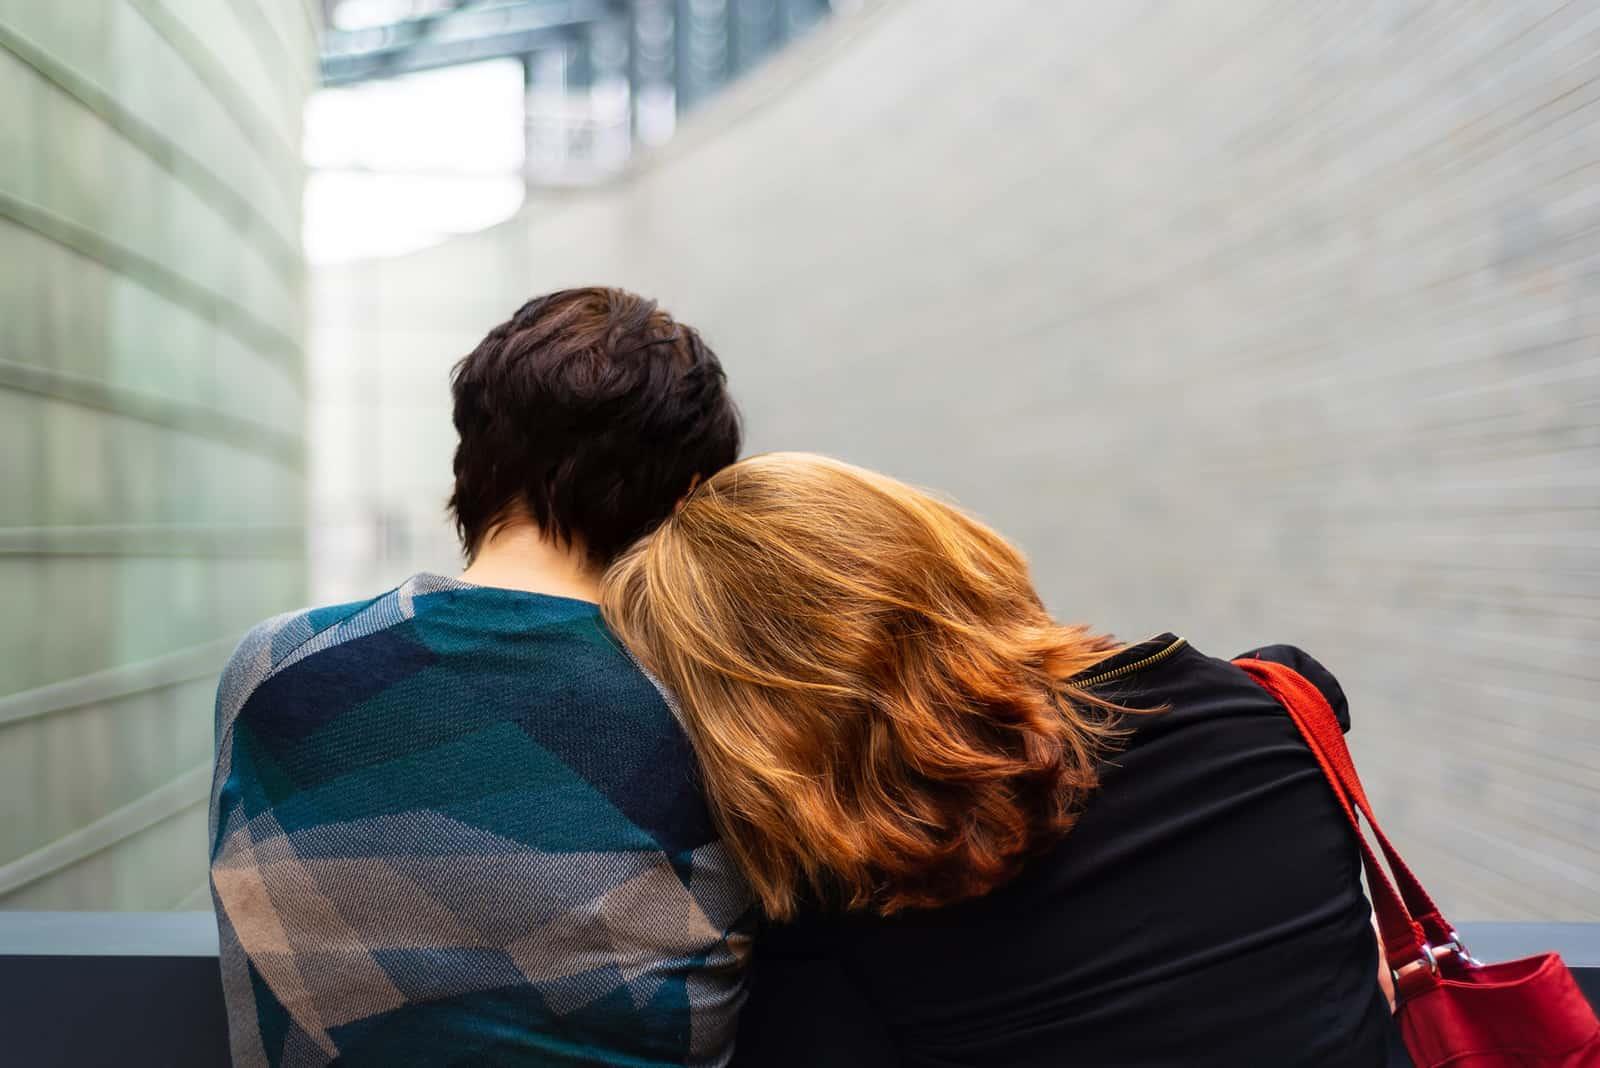 eine Frau, die sich mit dem Kopf auf ihre Freundin stützt, während sie zusammen auf dem Balkon steht